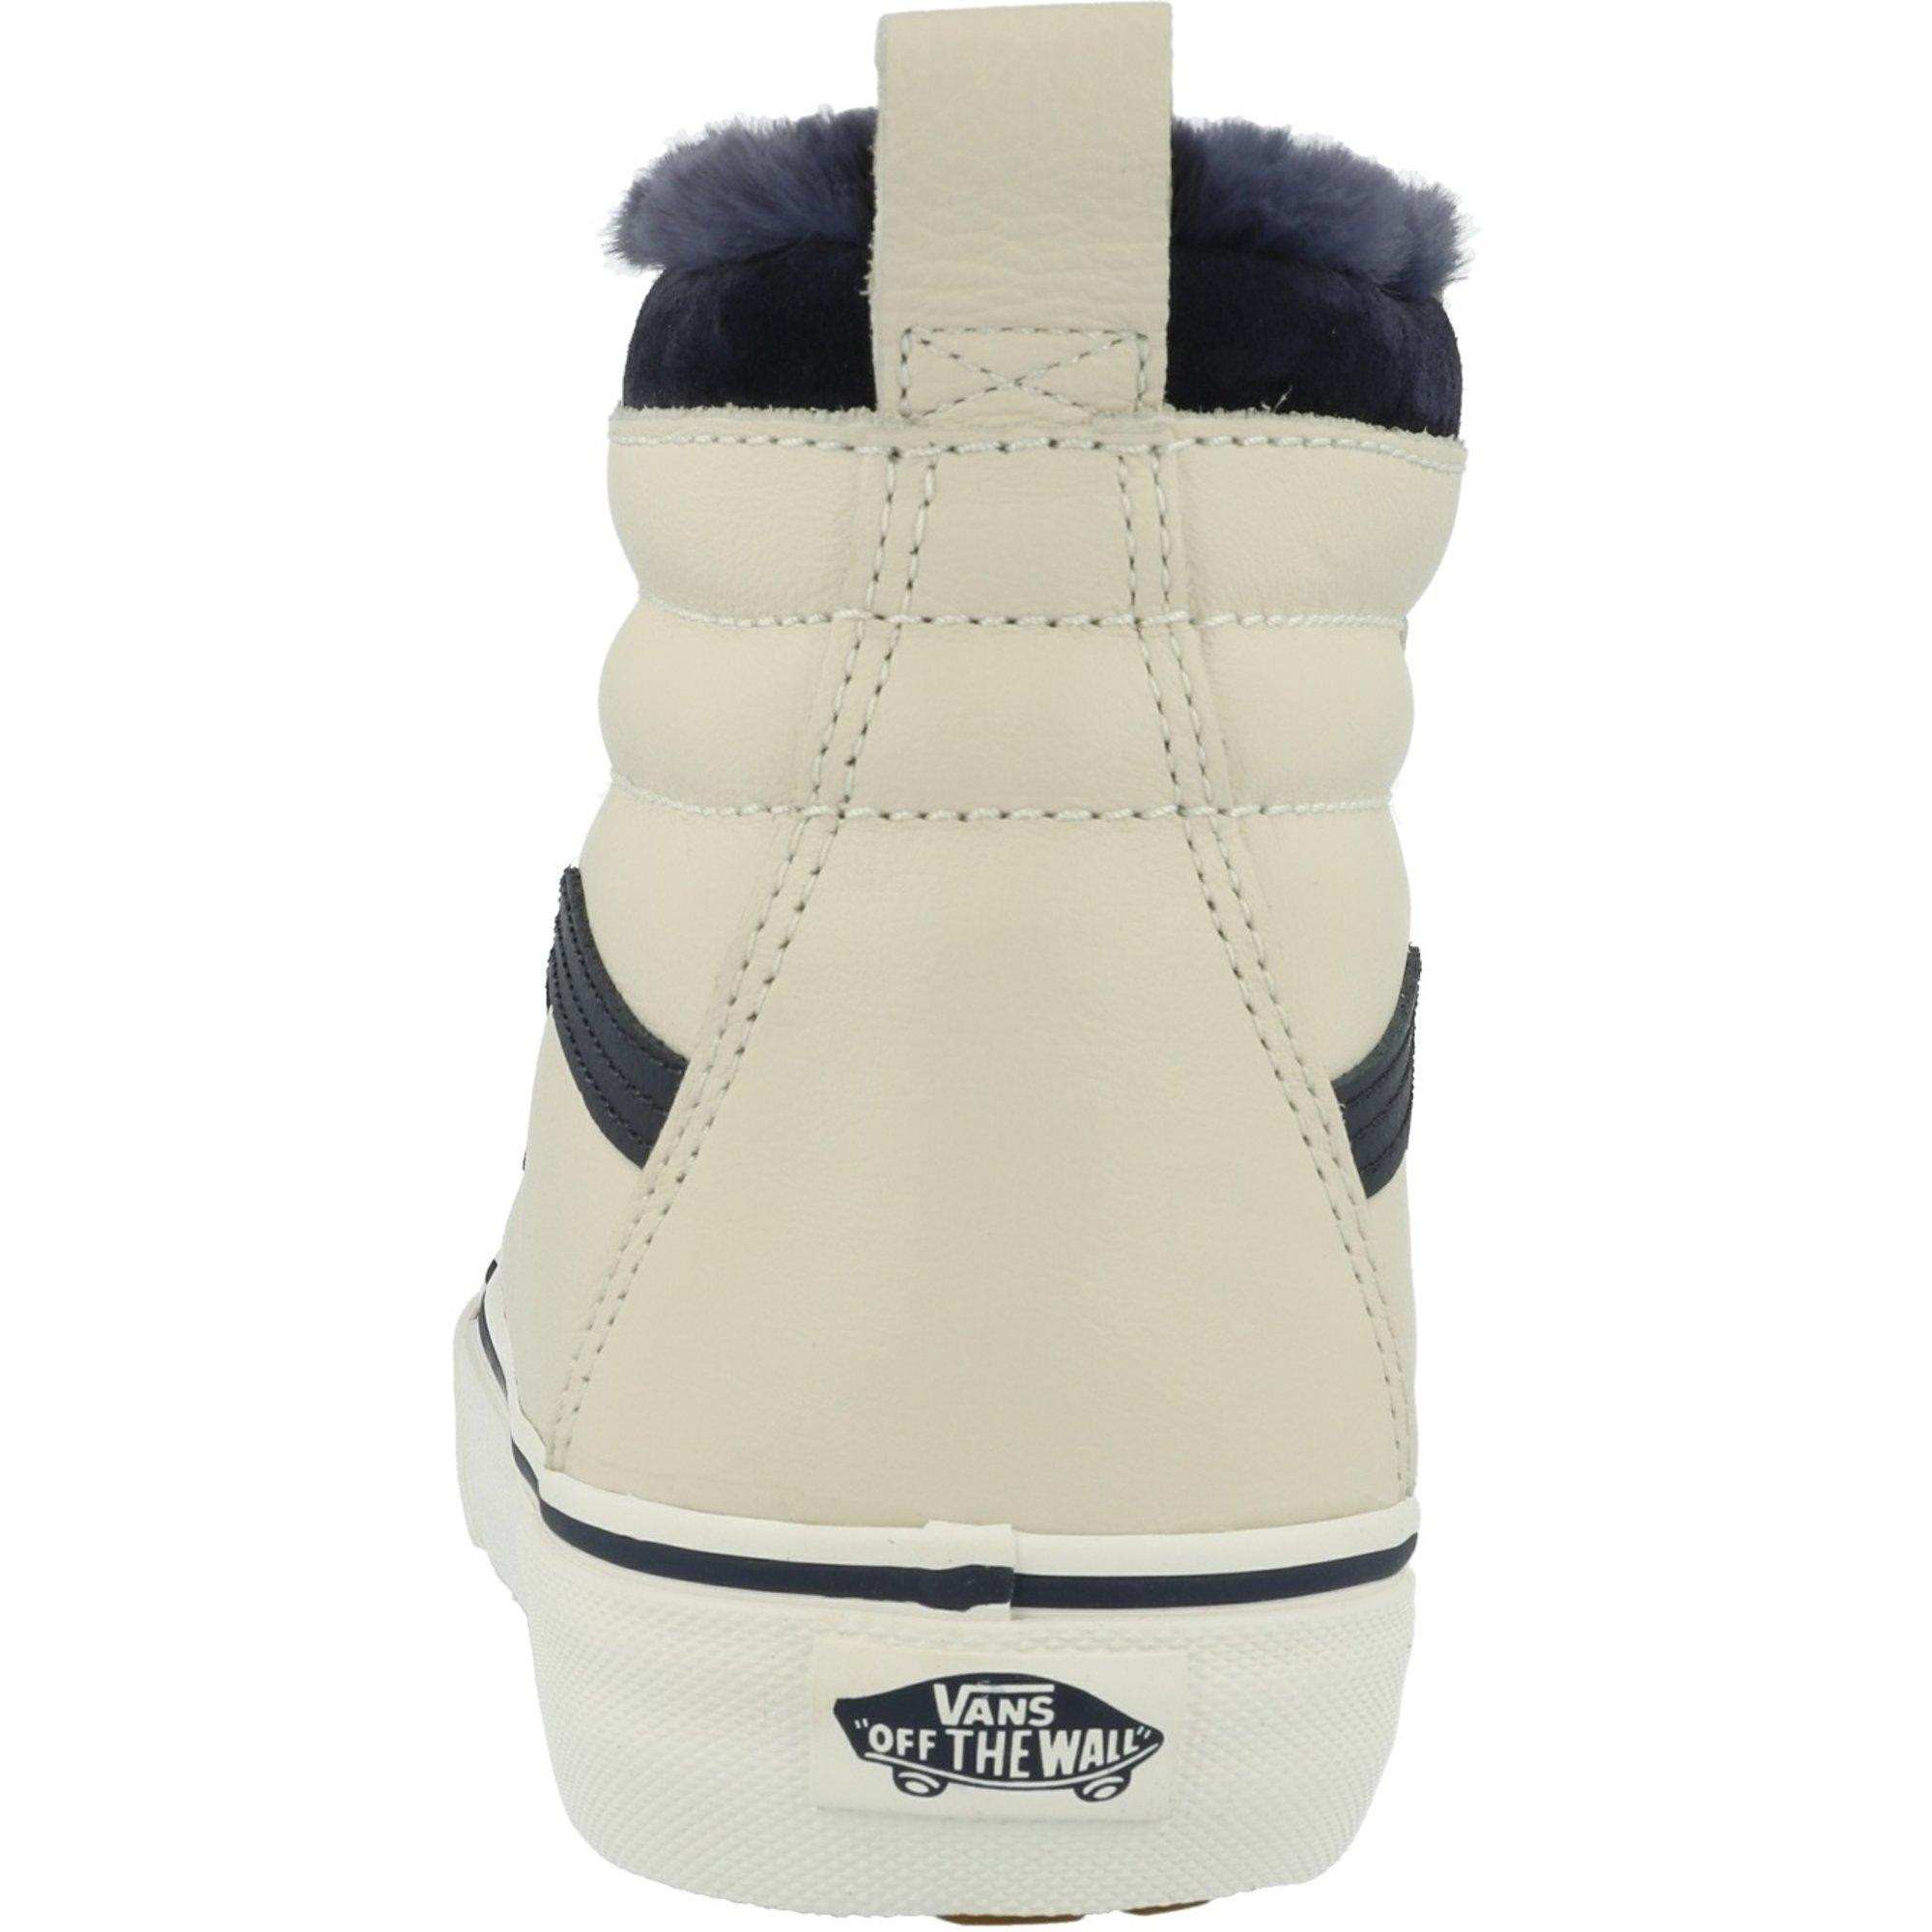 Vans Sk8 Hi Reissue Leather Sneaker Herren kaufen Boots